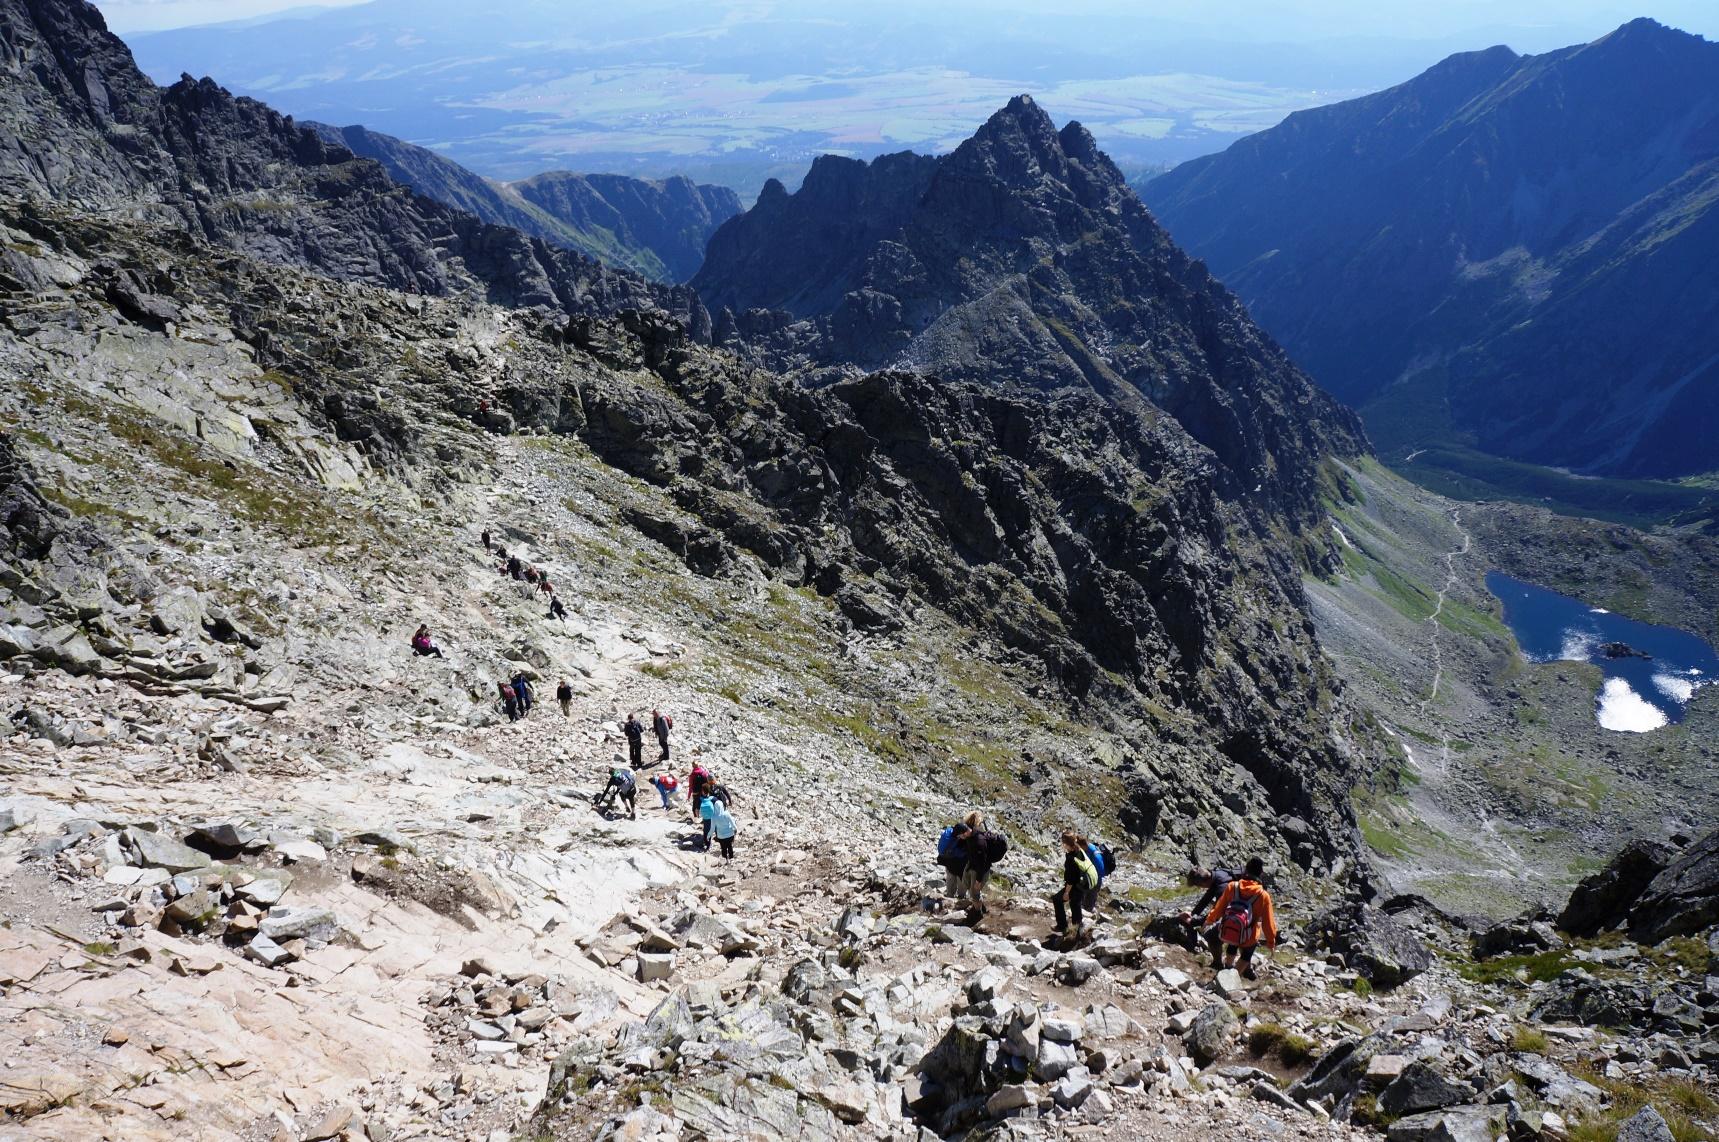 タトラ山脈の荒々しい岩峰と、遠くにスロバキア側の平原を見ながら下る(4日目)